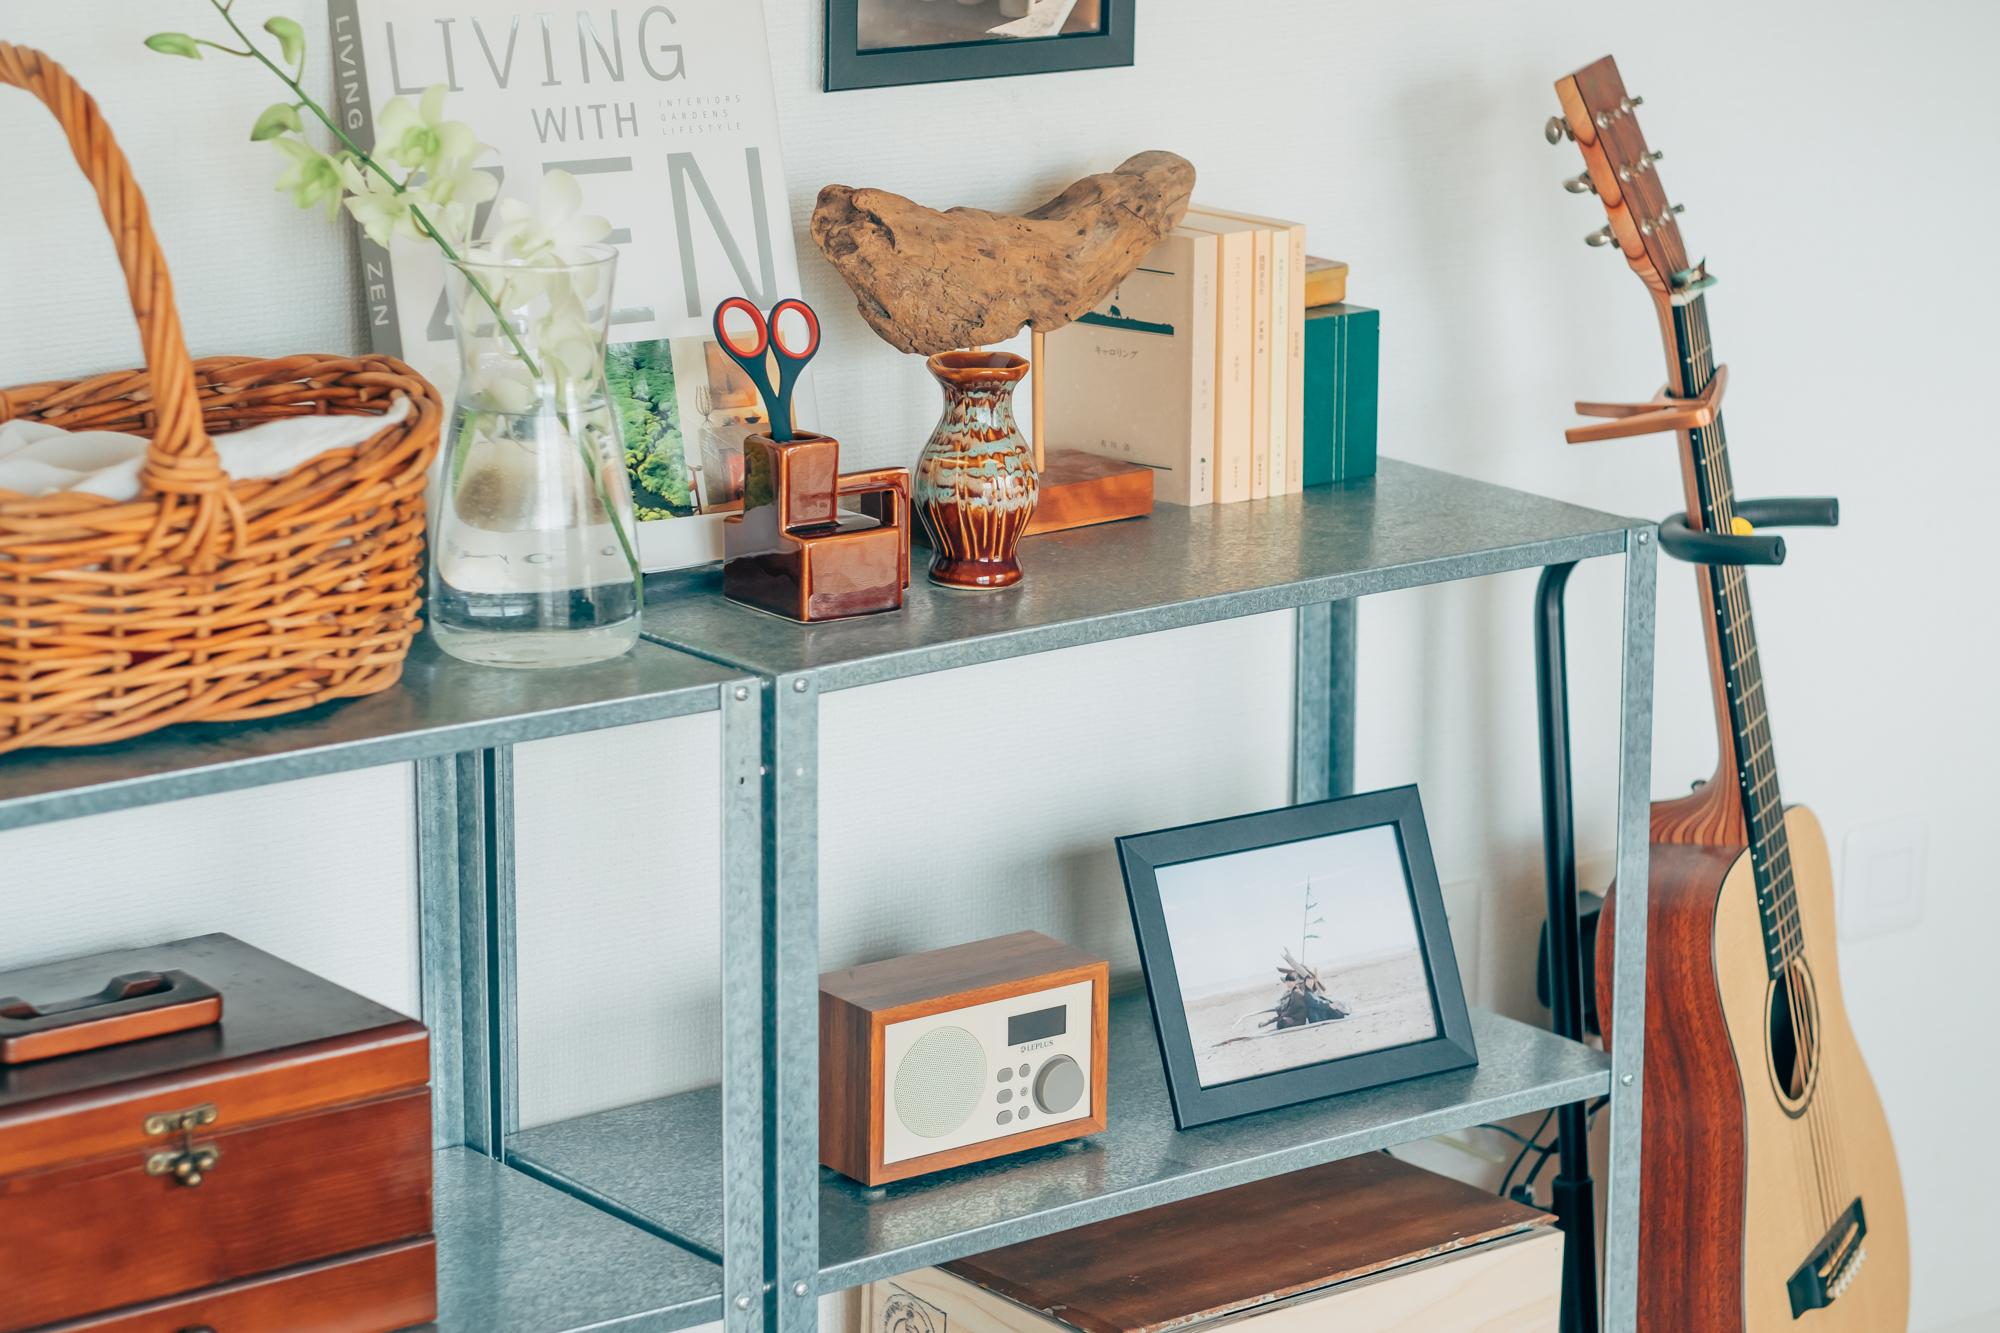 古道具屋さんを見に行くのが好きというyuzuさん。リビングに置かれた棚には、絵になるアイテムがたくさん並べられています。